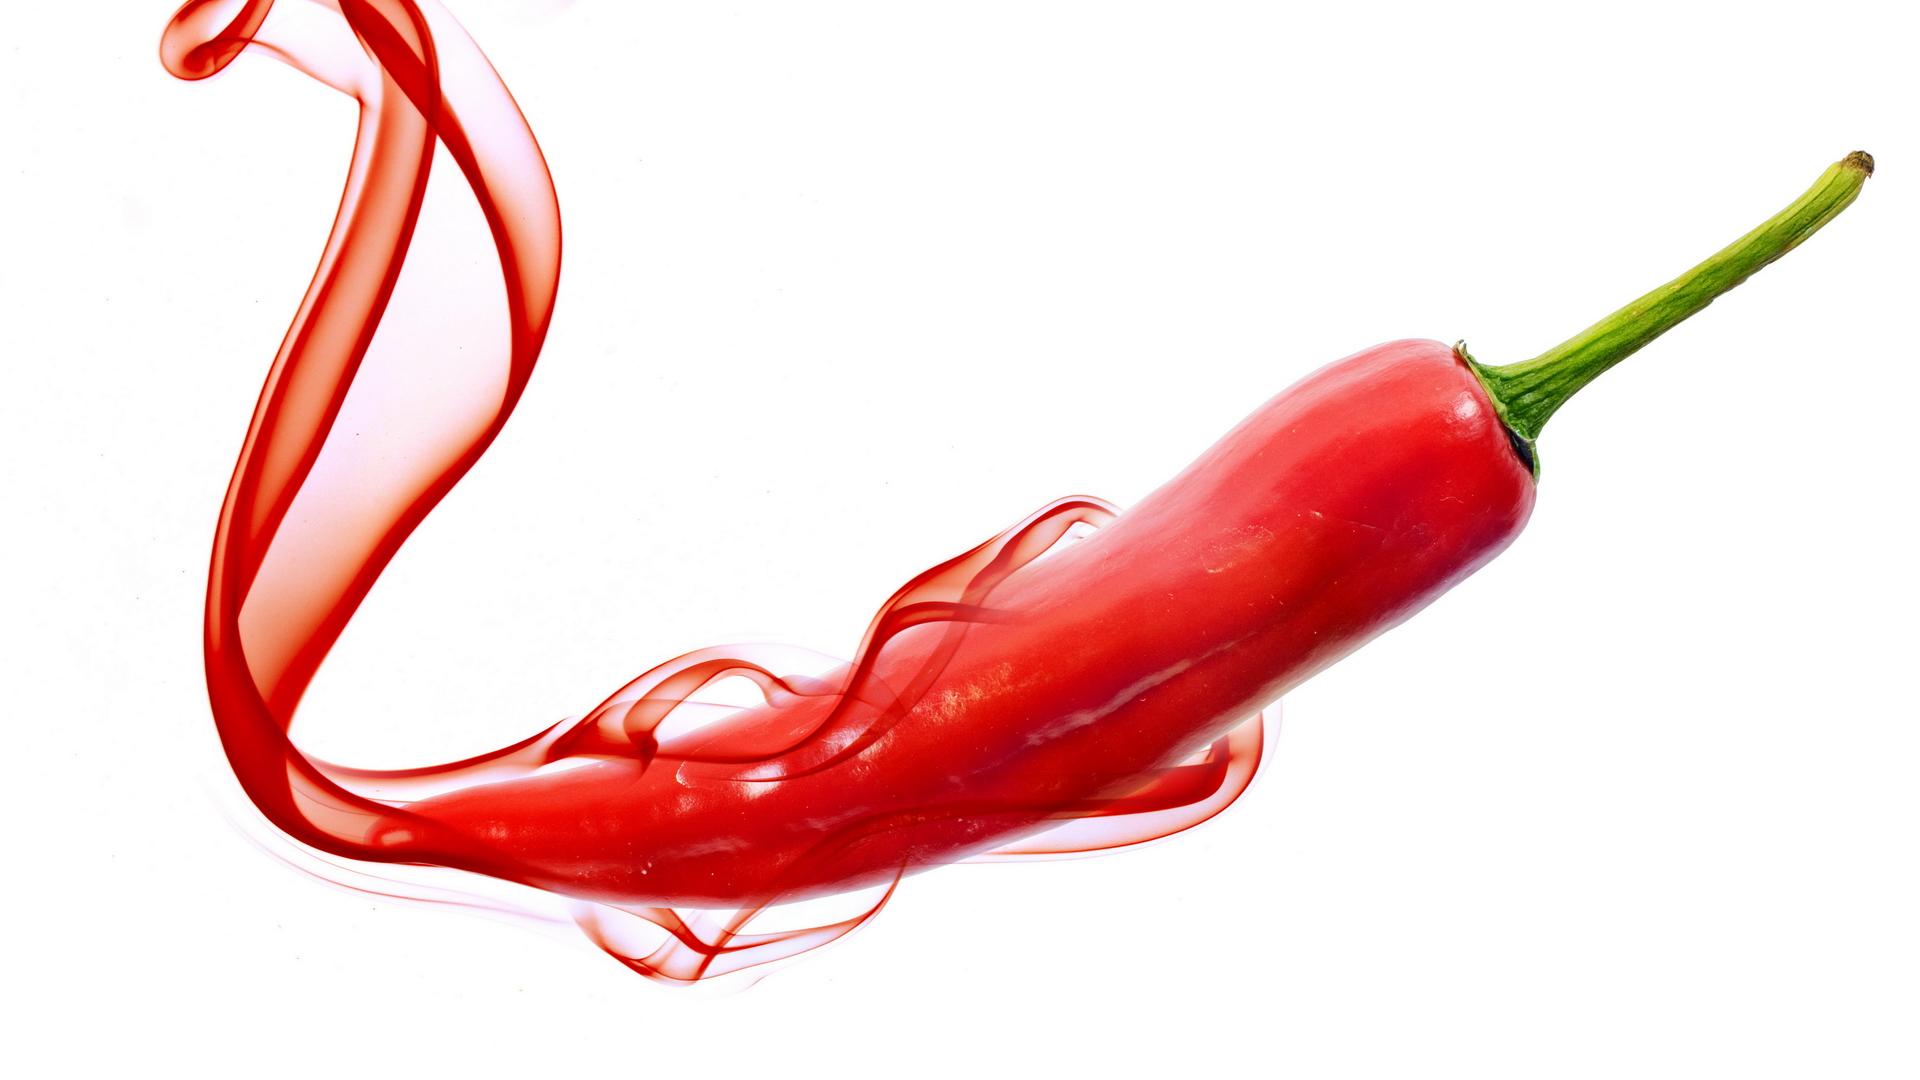 """кипр - """"Любовный алтарь"""" в Салоне Магии и Мистики Елены Руденко. Allergy-hot-pepper"""